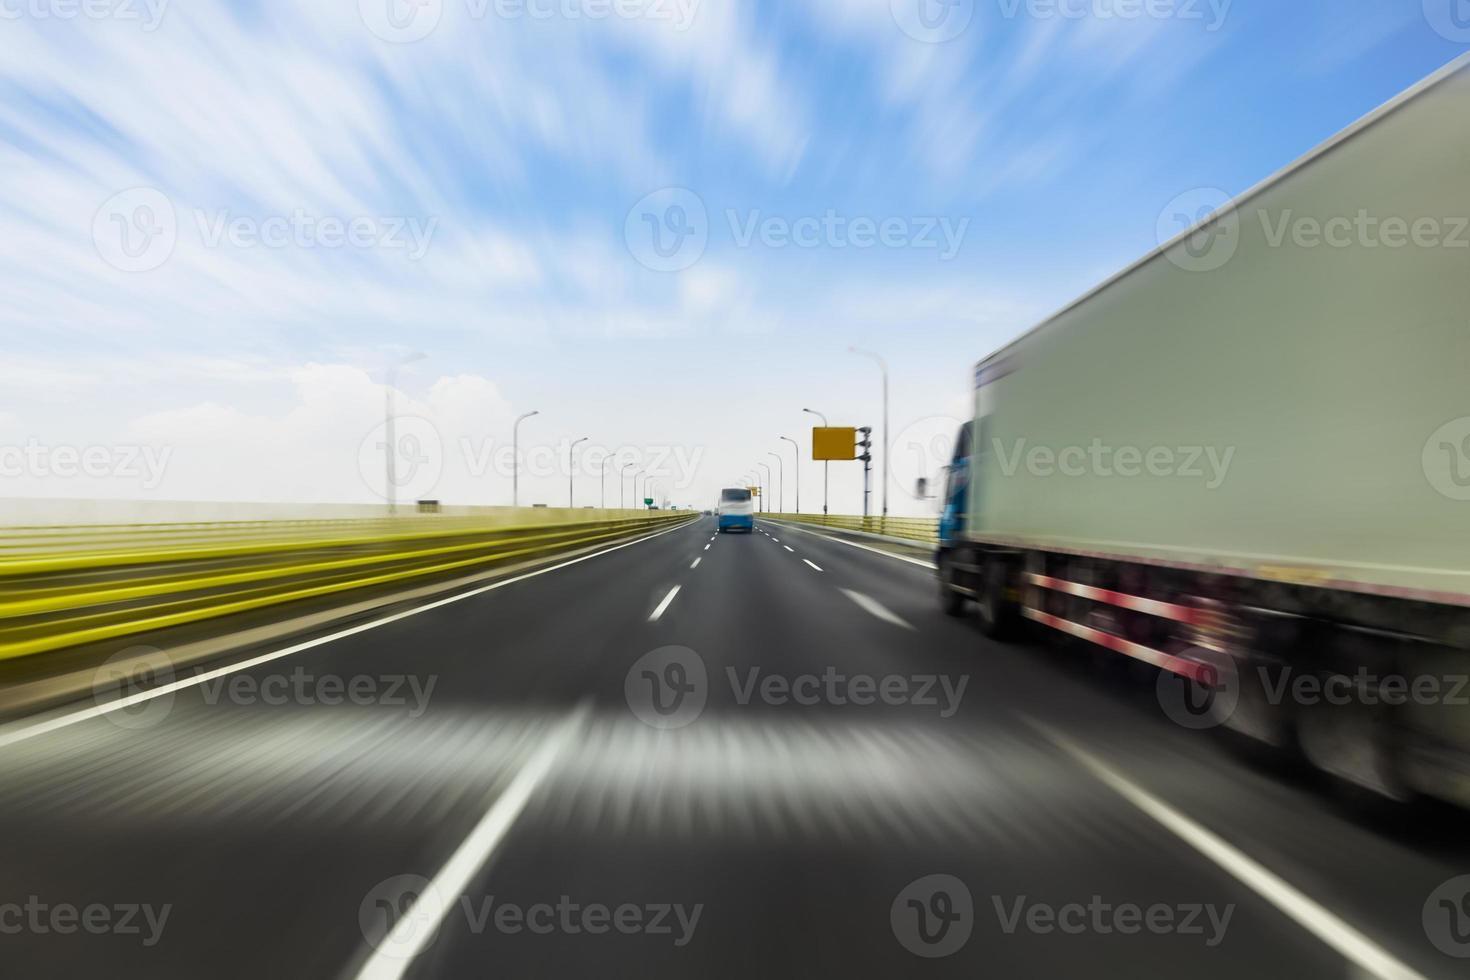 LKW auf einer schnellen Schnellstraße, Bewegungsunschärfe foto